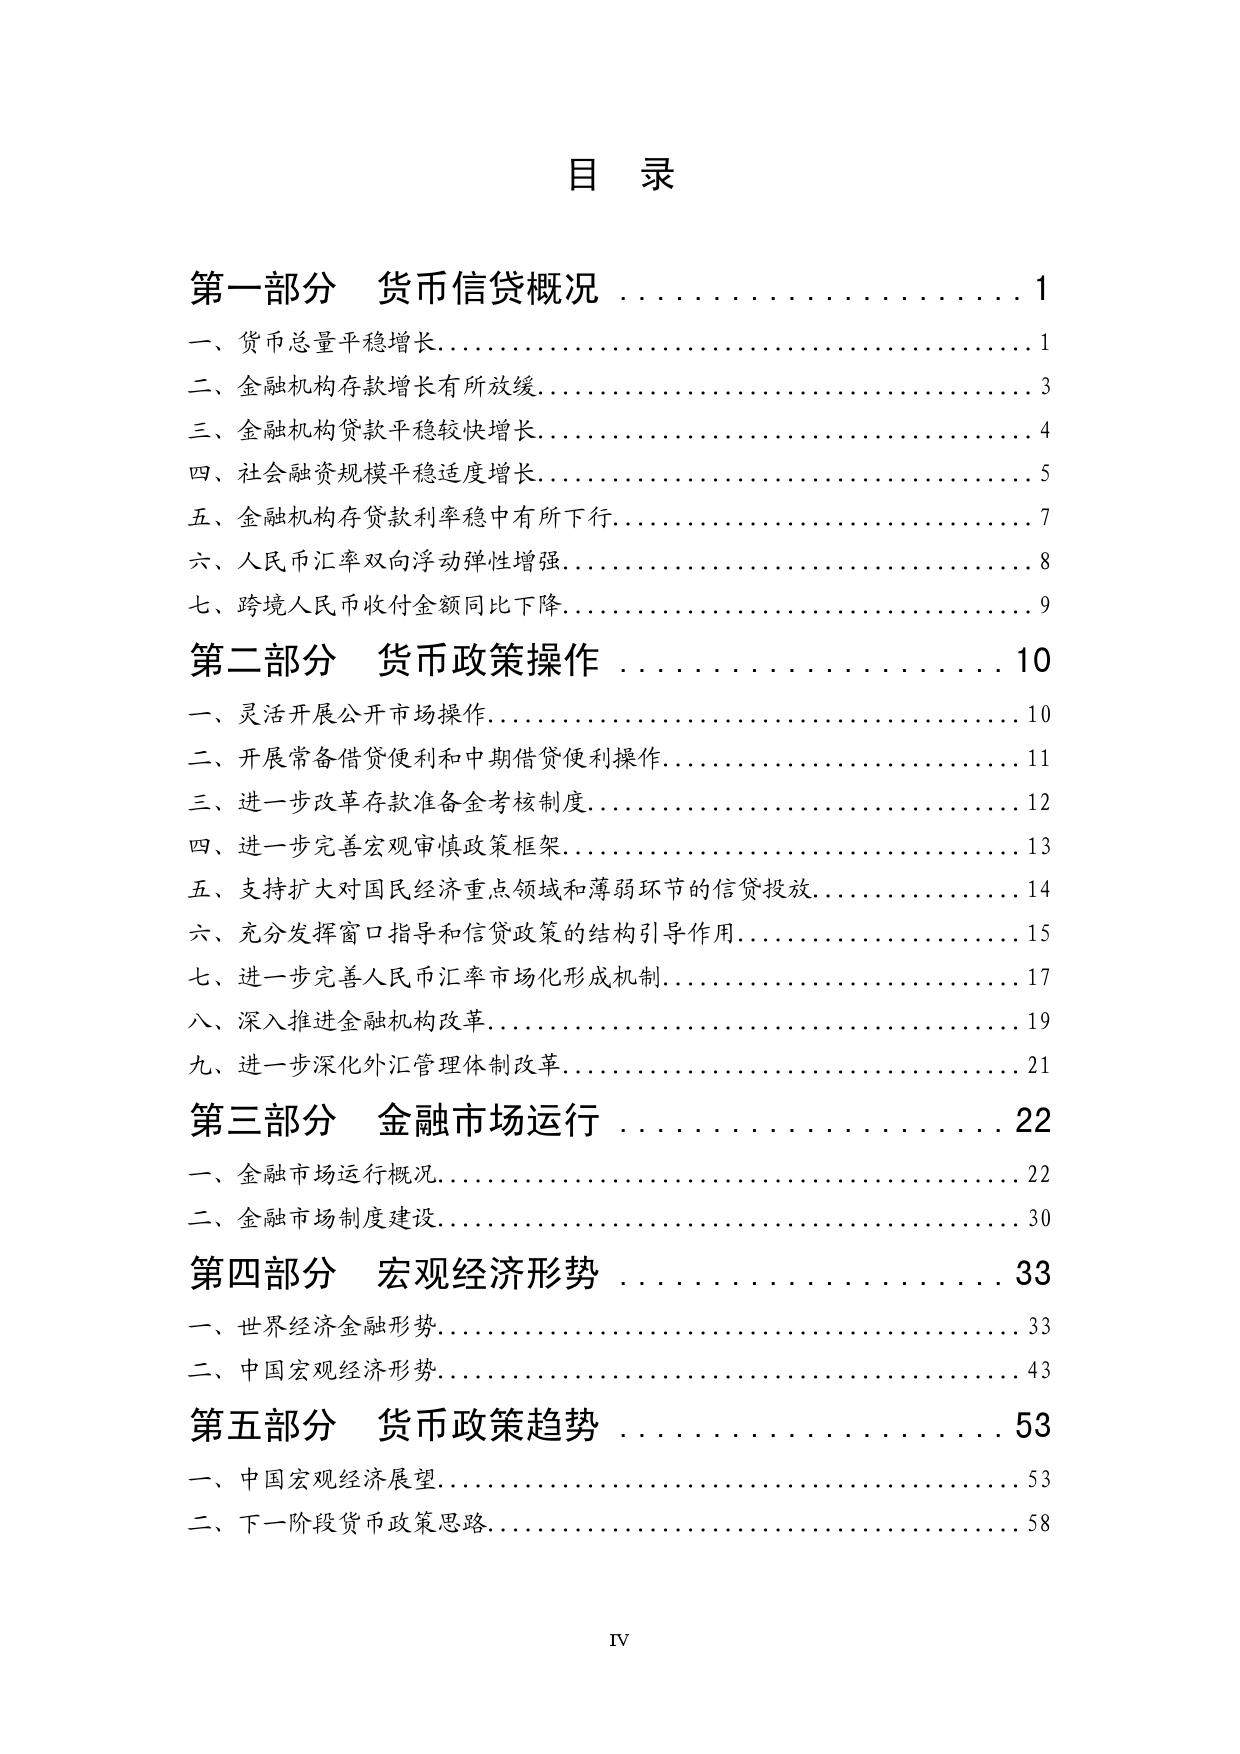 2016年Q2中国货币政策执行报告_000005